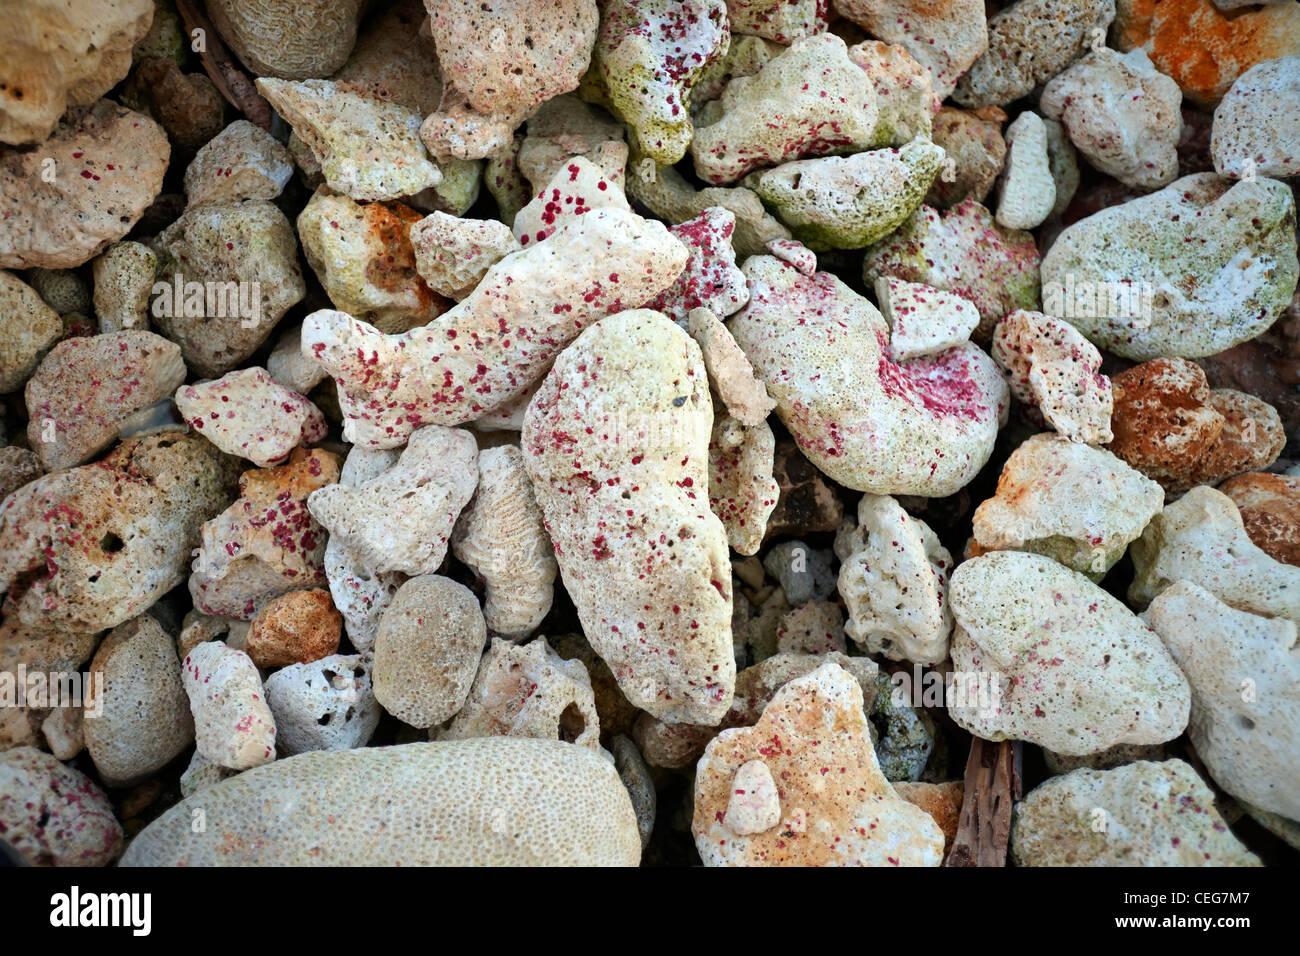 Stillleben-Schuss von farbenprächtigen Korallen am Strand Stockbild